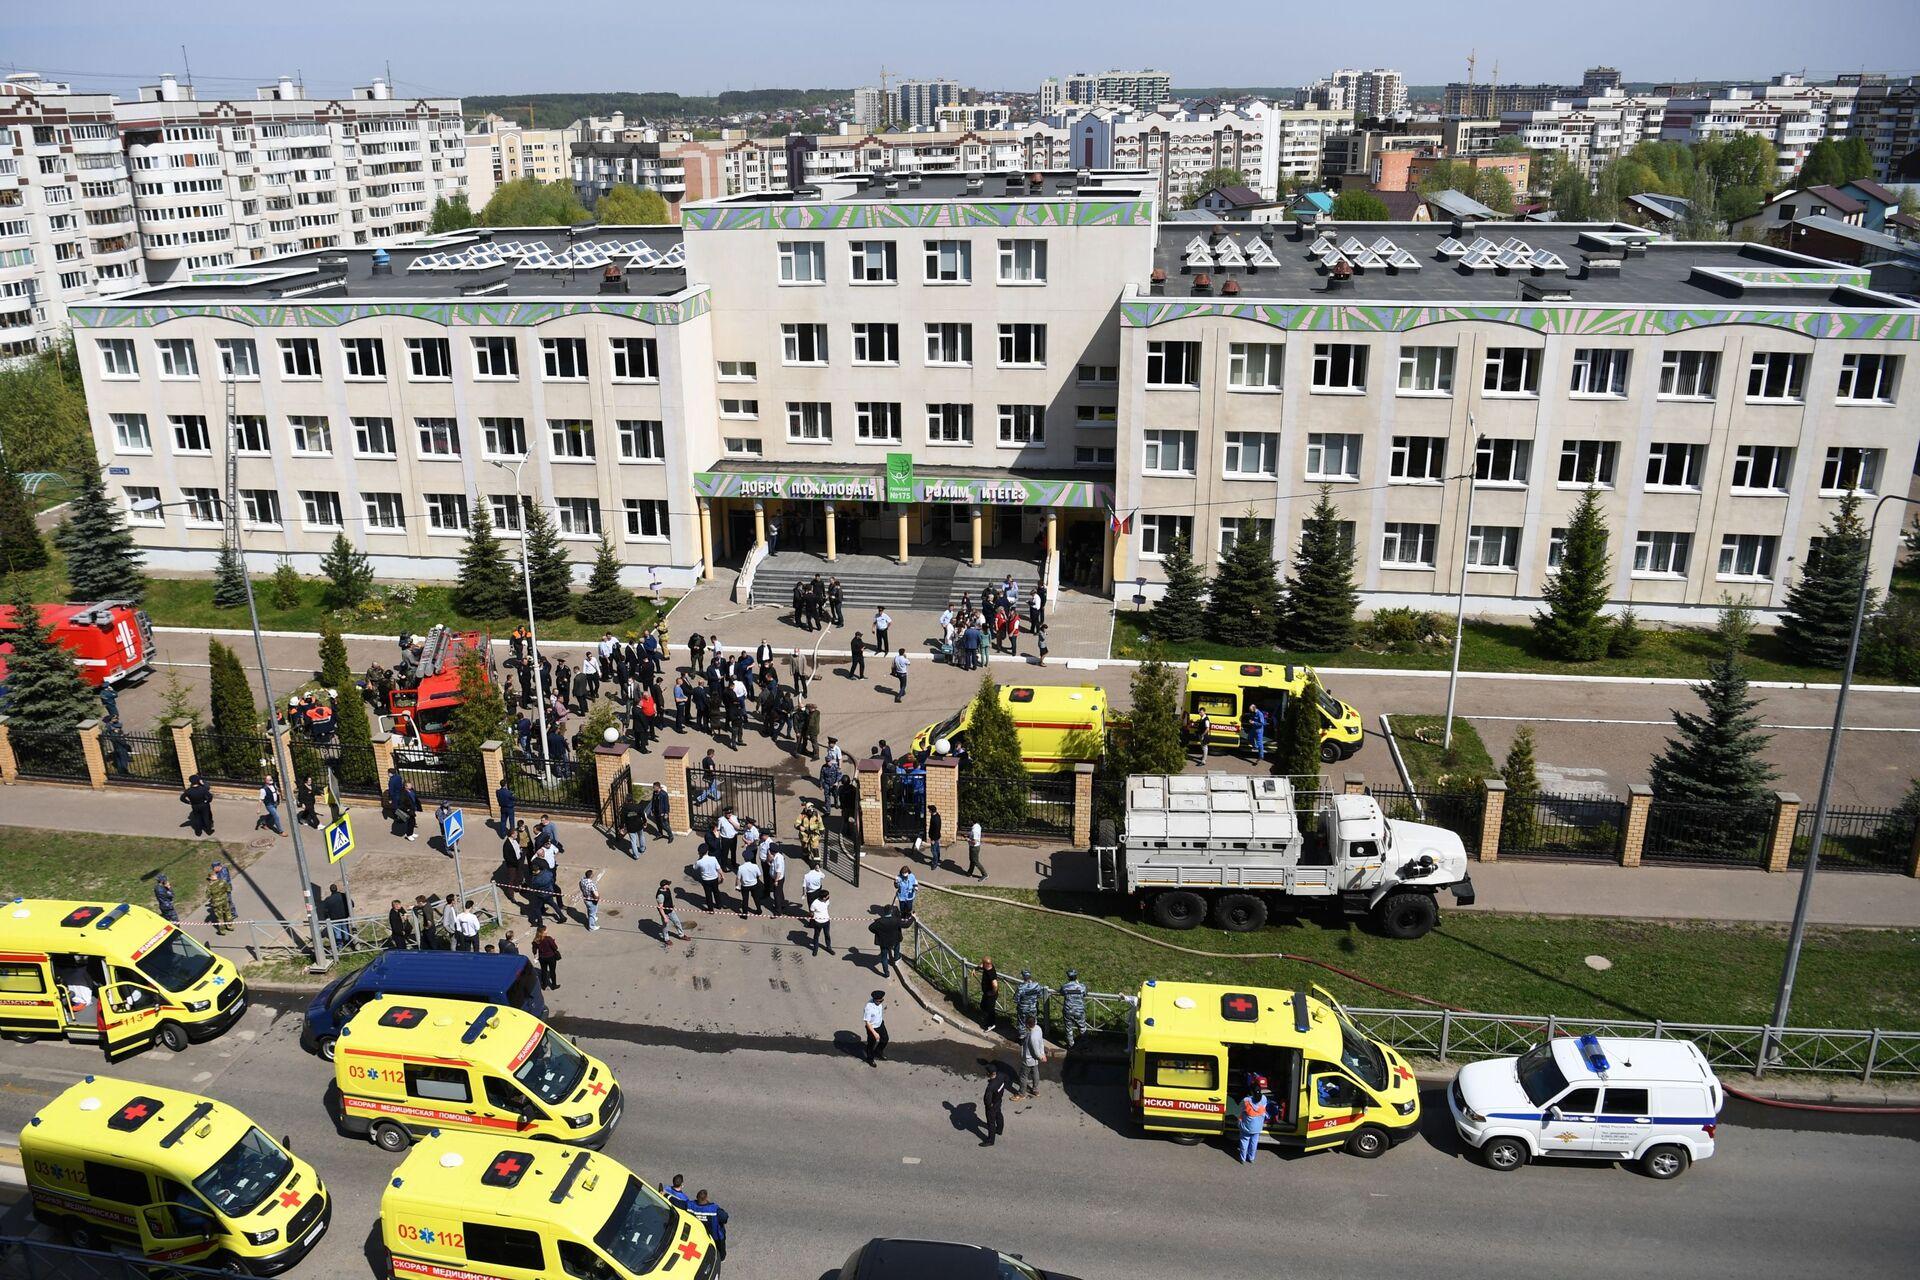 Đưa ra đề xuất ở Nga về việc tăng cường kiểm soát các trò chơi máy tính sau vụ xả súng tại một trường học ở Kazan - Sputnik Việt Nam, 1920, 11.05.2021